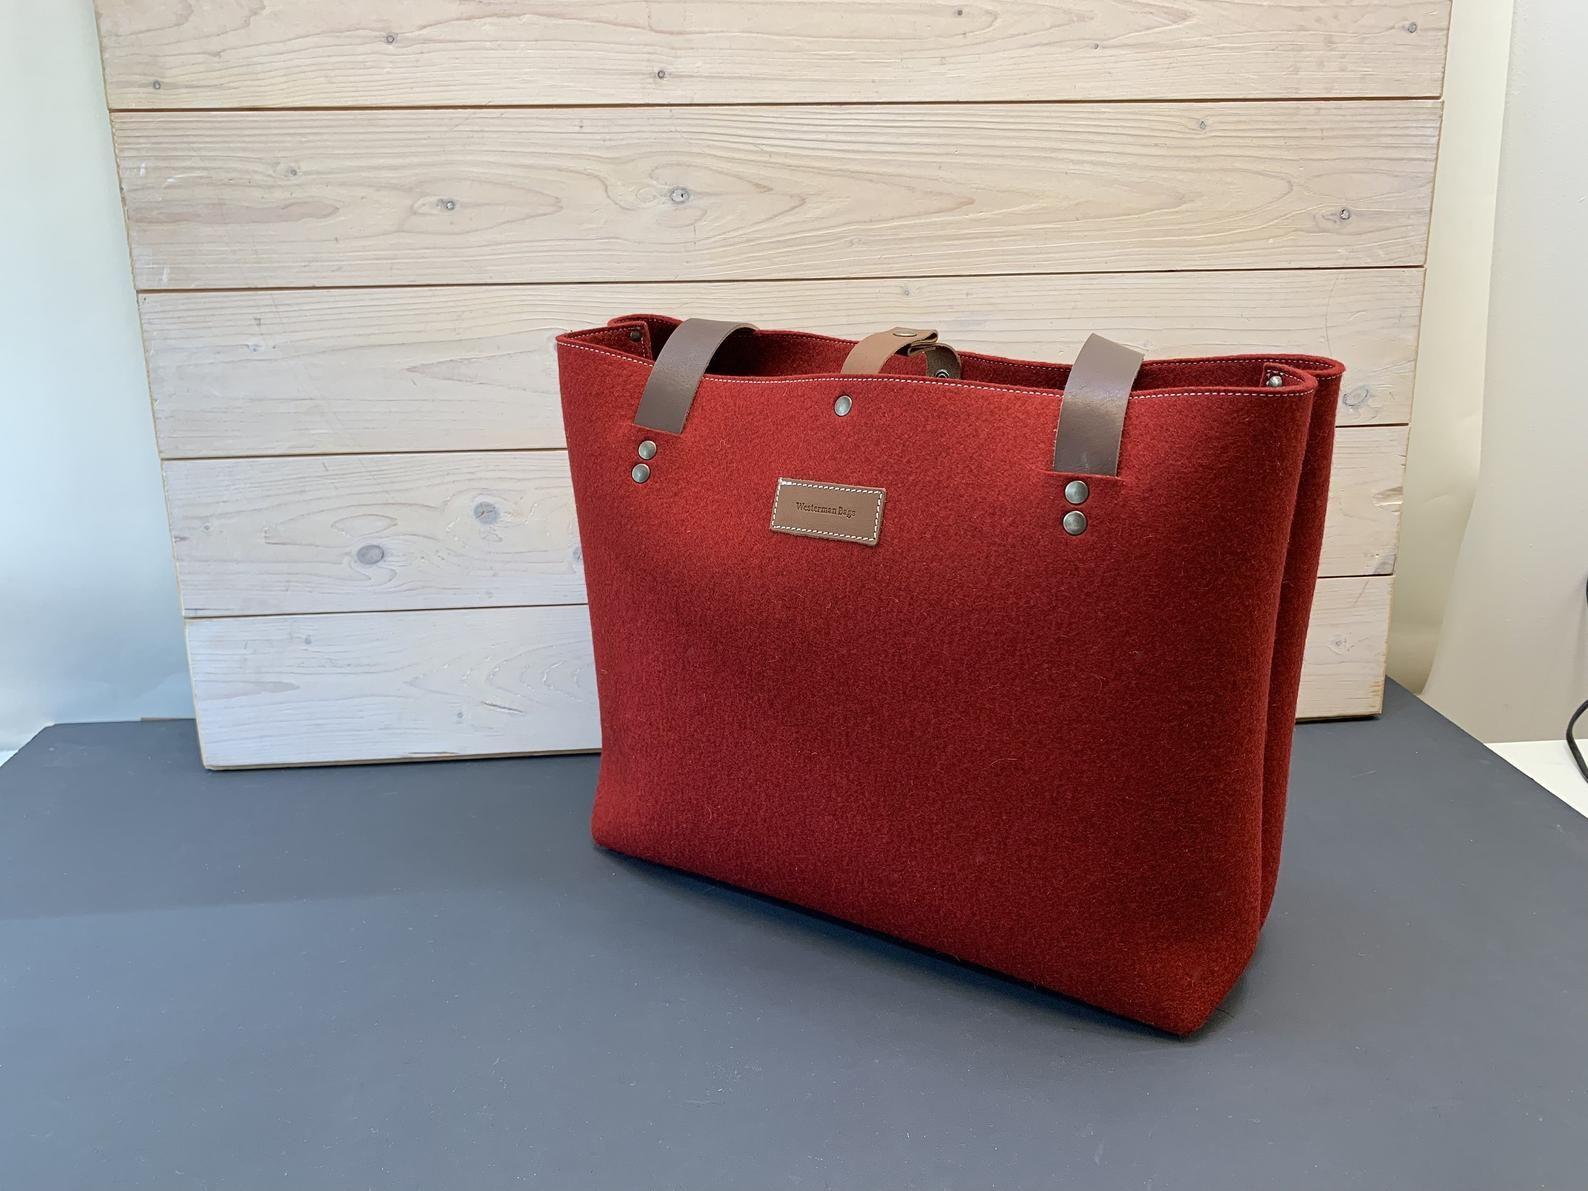 Felt Xl Bag Grift In Red With Leather Details Felt Tote Bag Felt Tote Felt Bag